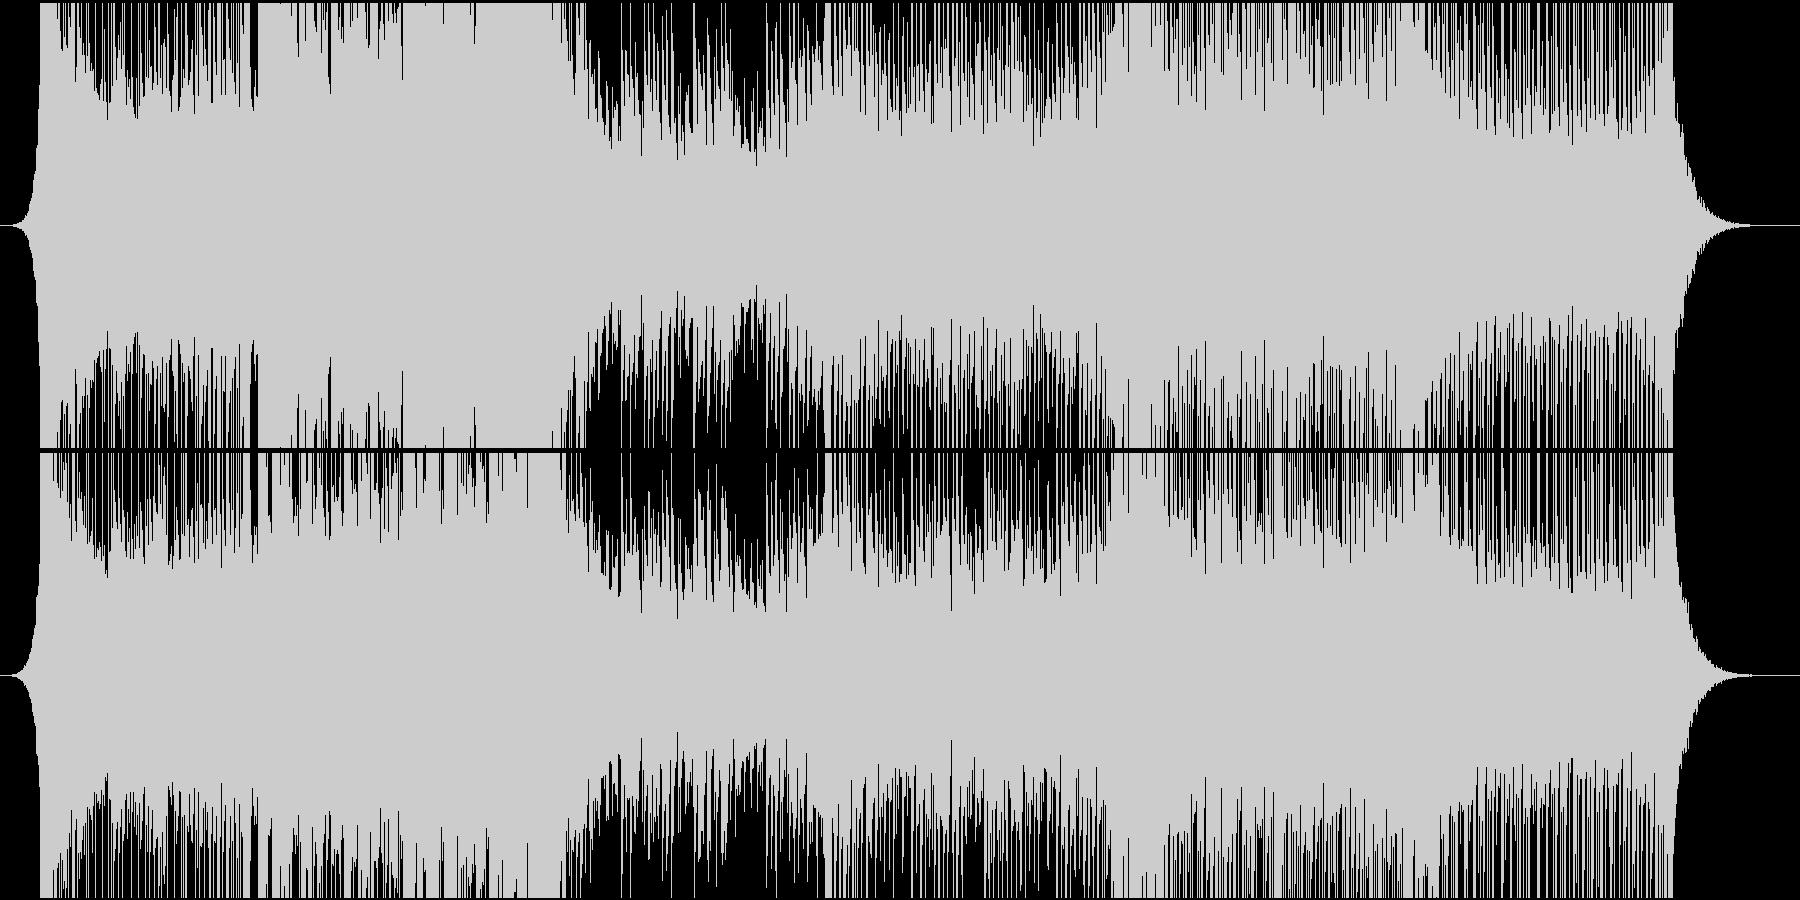 ライブ向きメジャー系オーバーチュアの未再生の波形